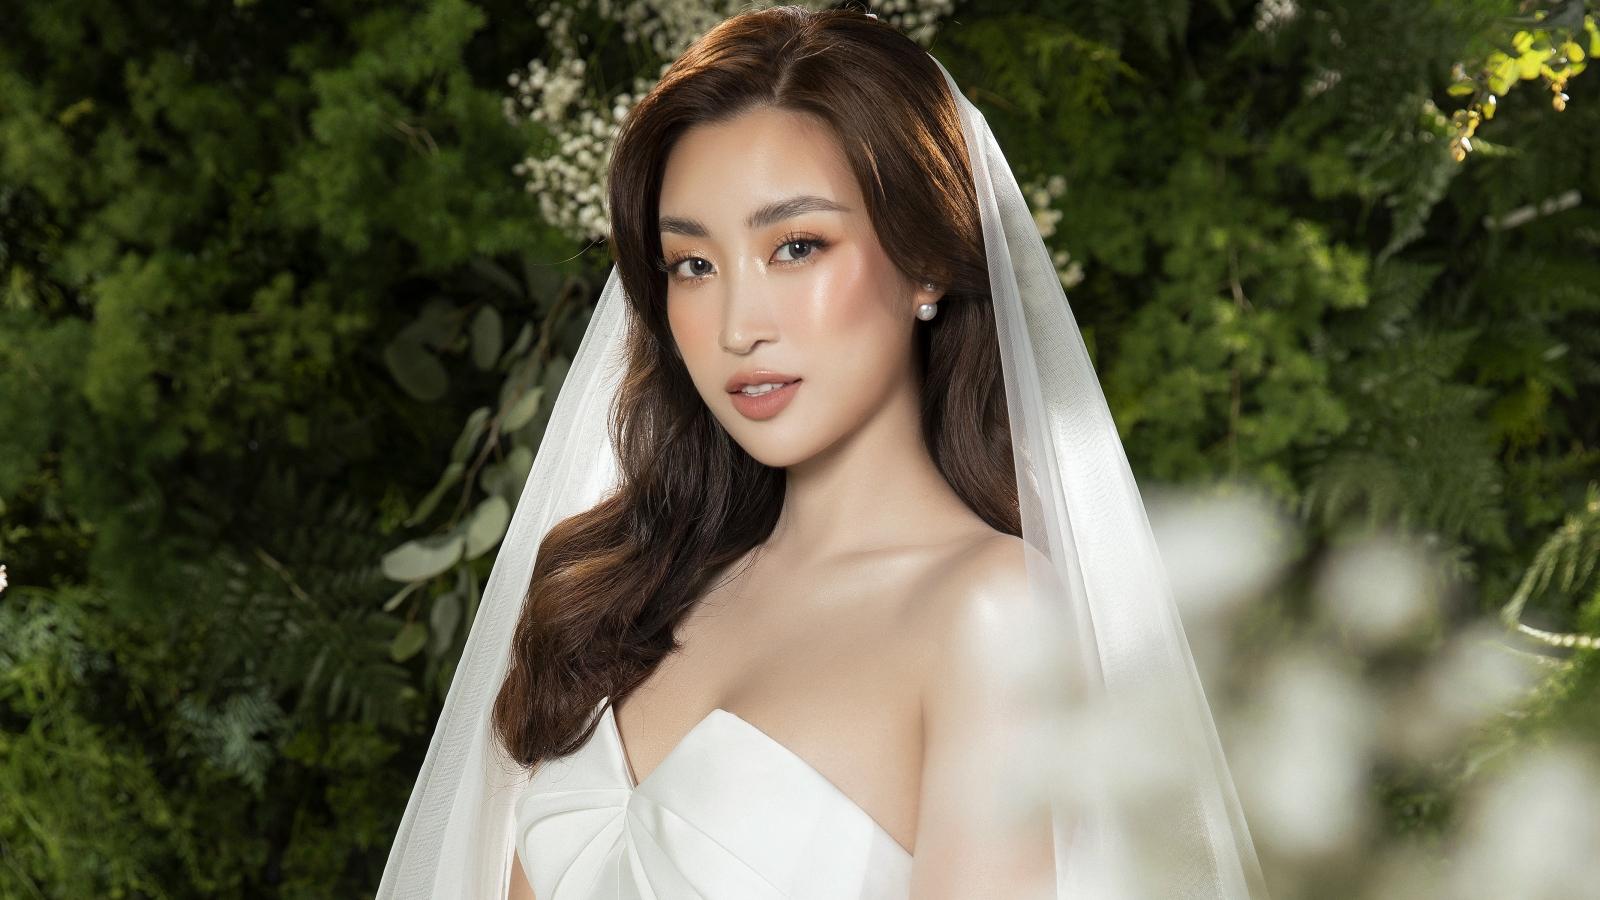 Hoa hậu Đỗ Mỹ Linh hoá cô dâu đẹp dịu dàng trong loạt ảnh mới